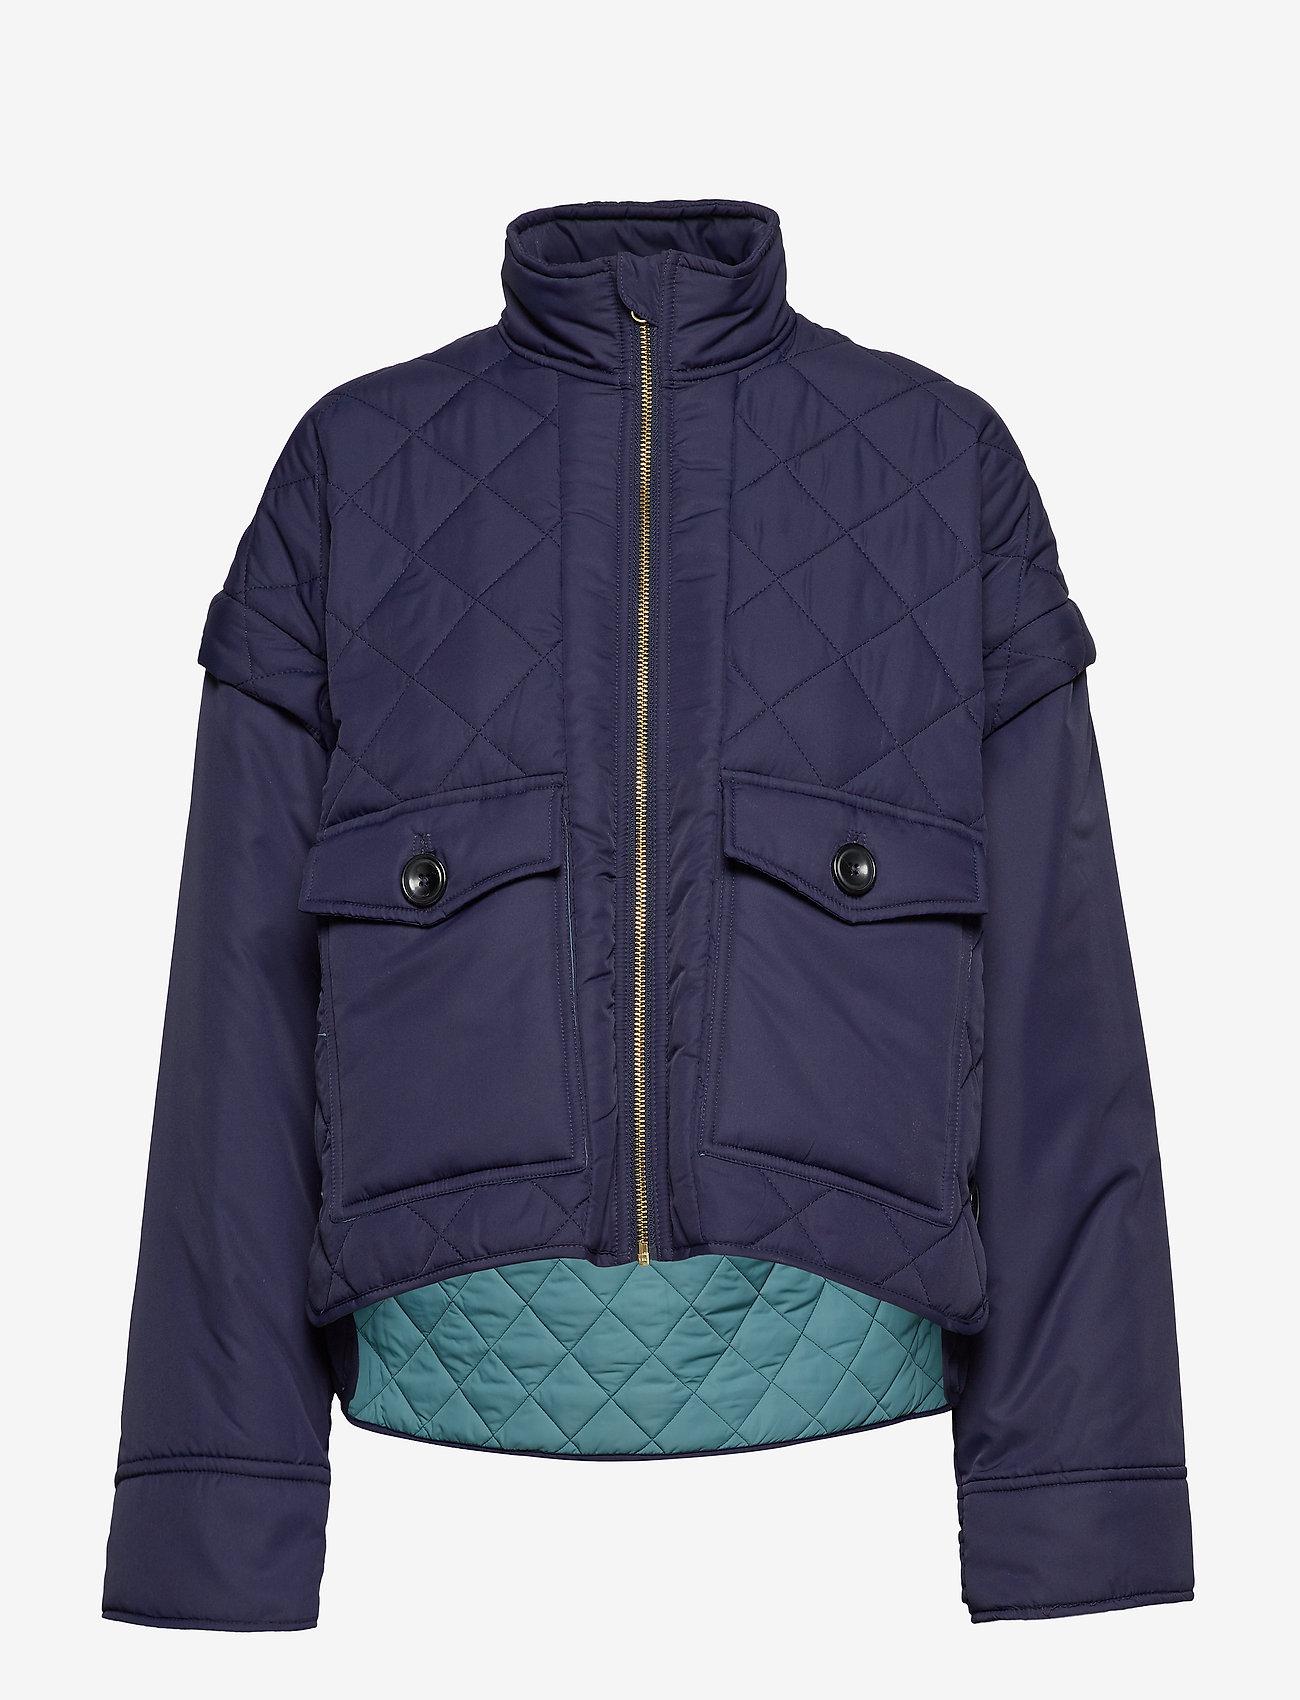 Noa Noa - Light outerwear - utility jackets - peacoat - 1